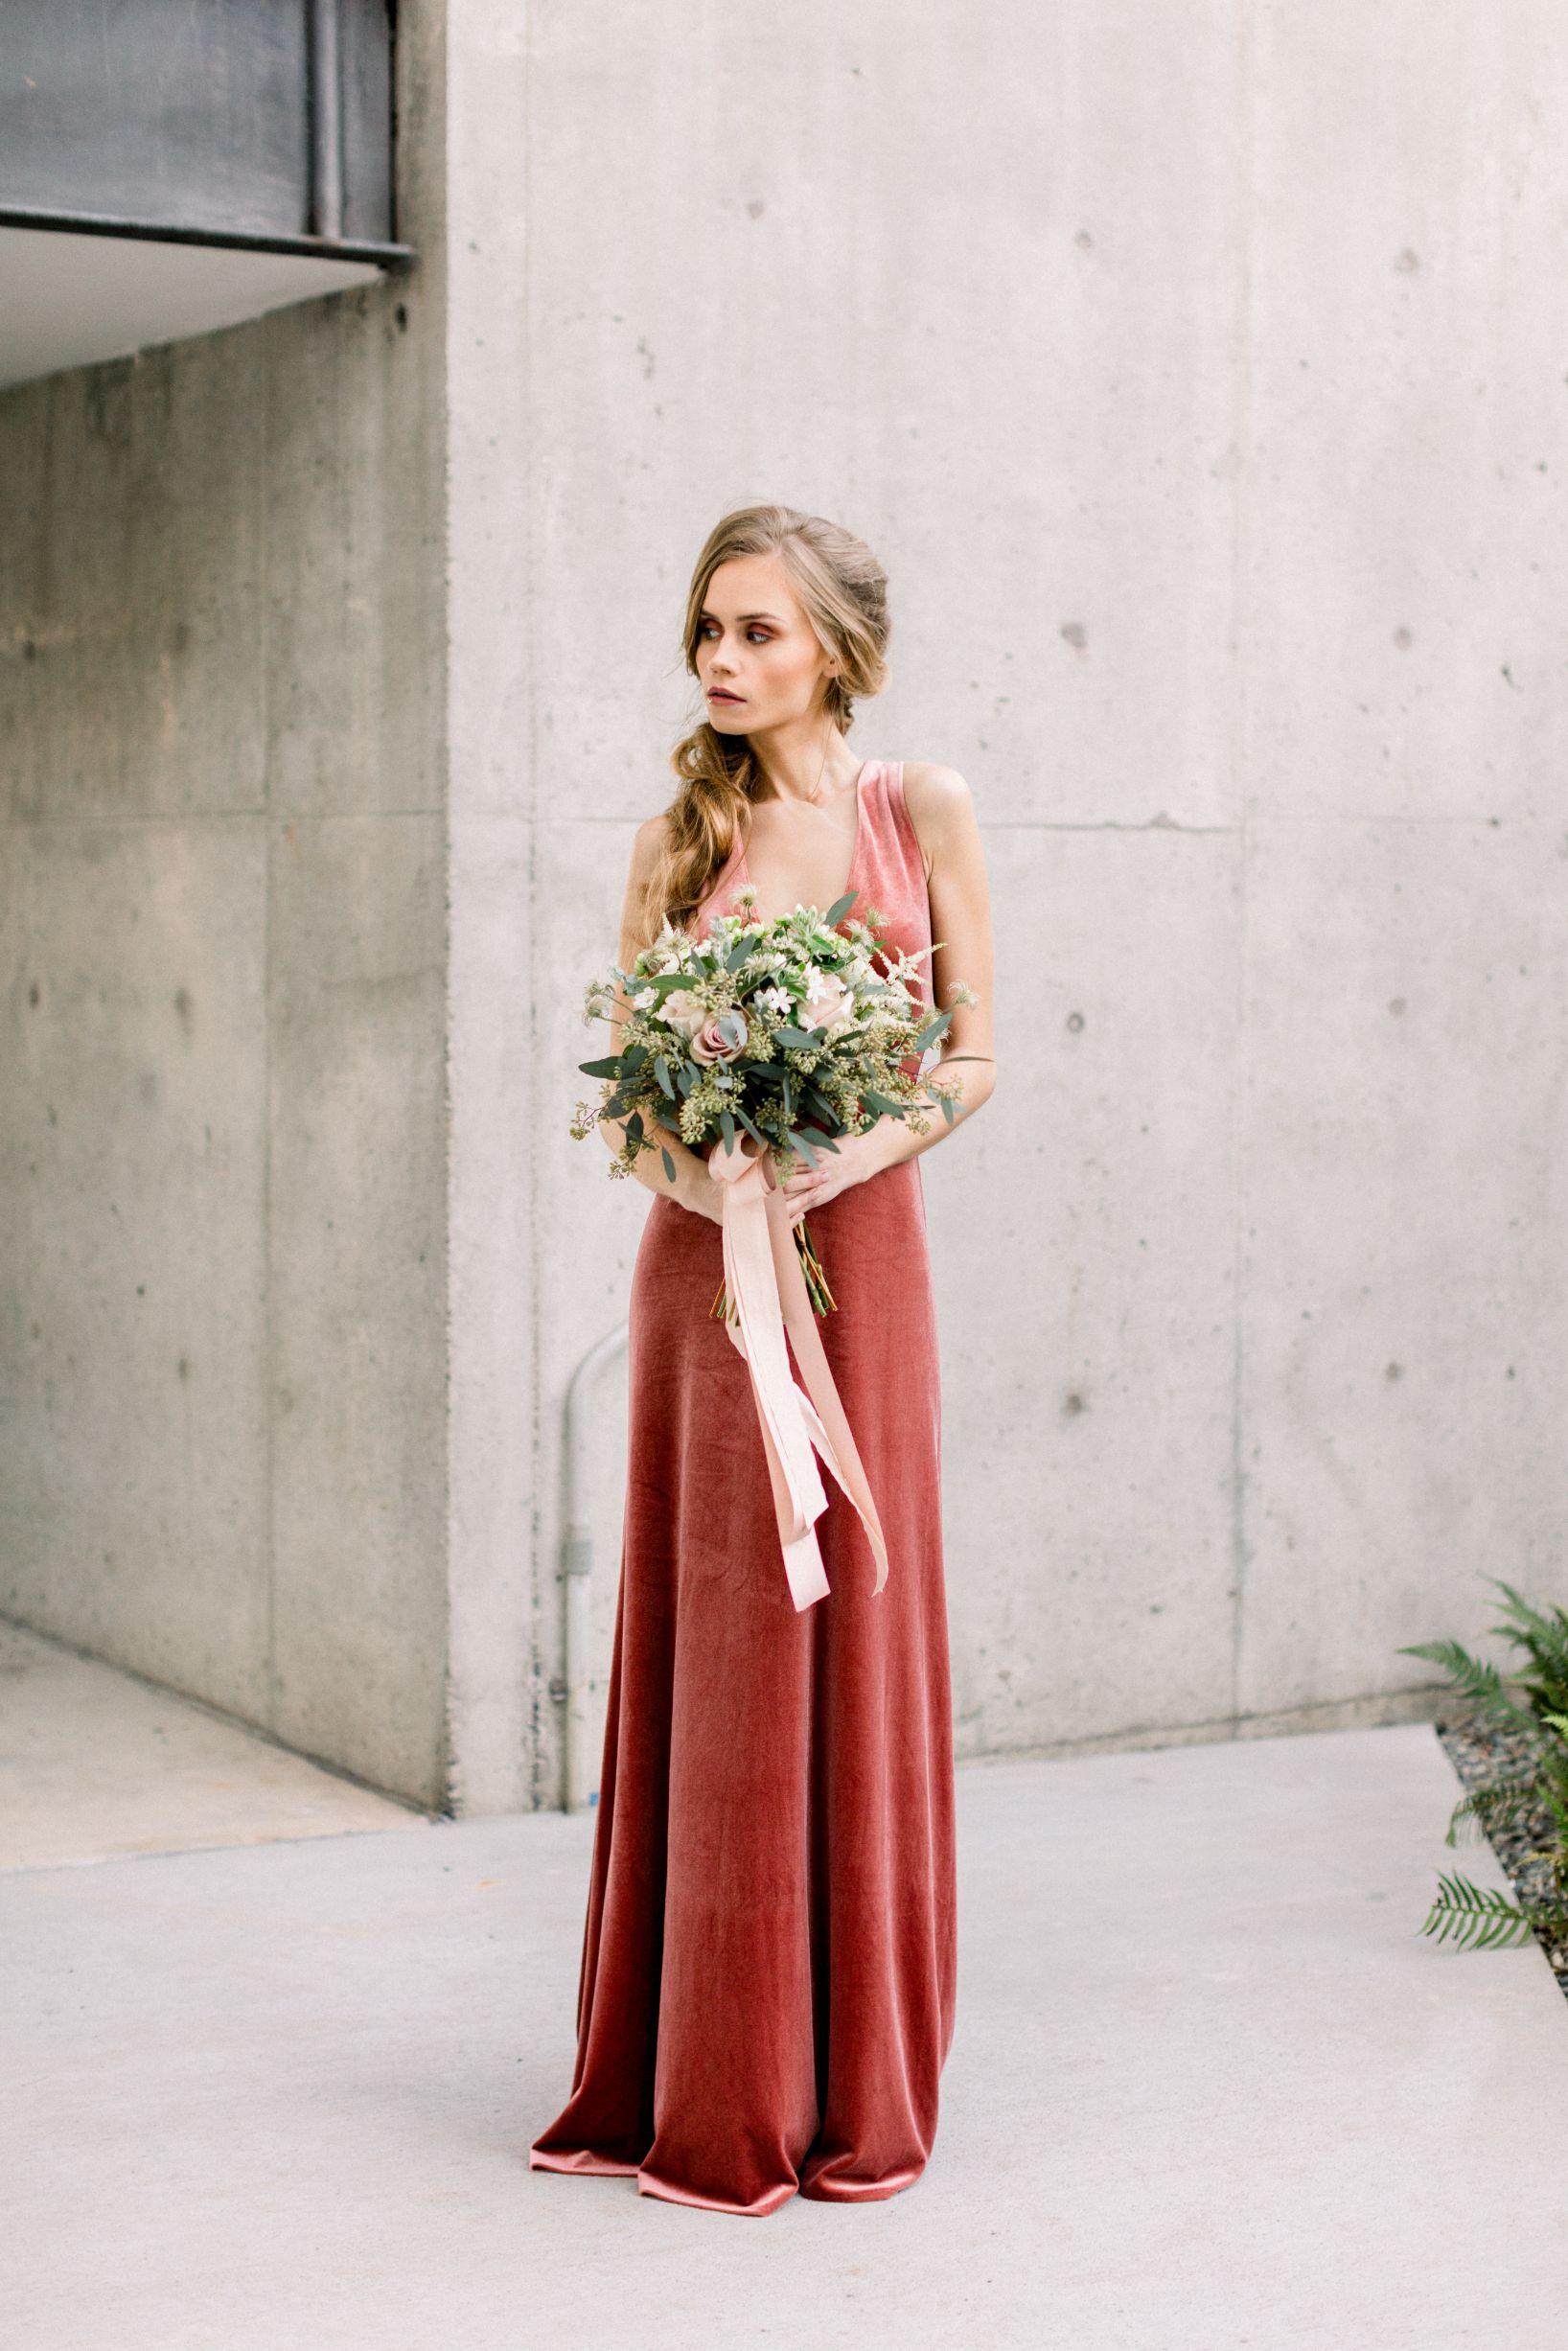 artists-for-humanity-industrial-bohemian-wedding-daylynn-designs101.jpg